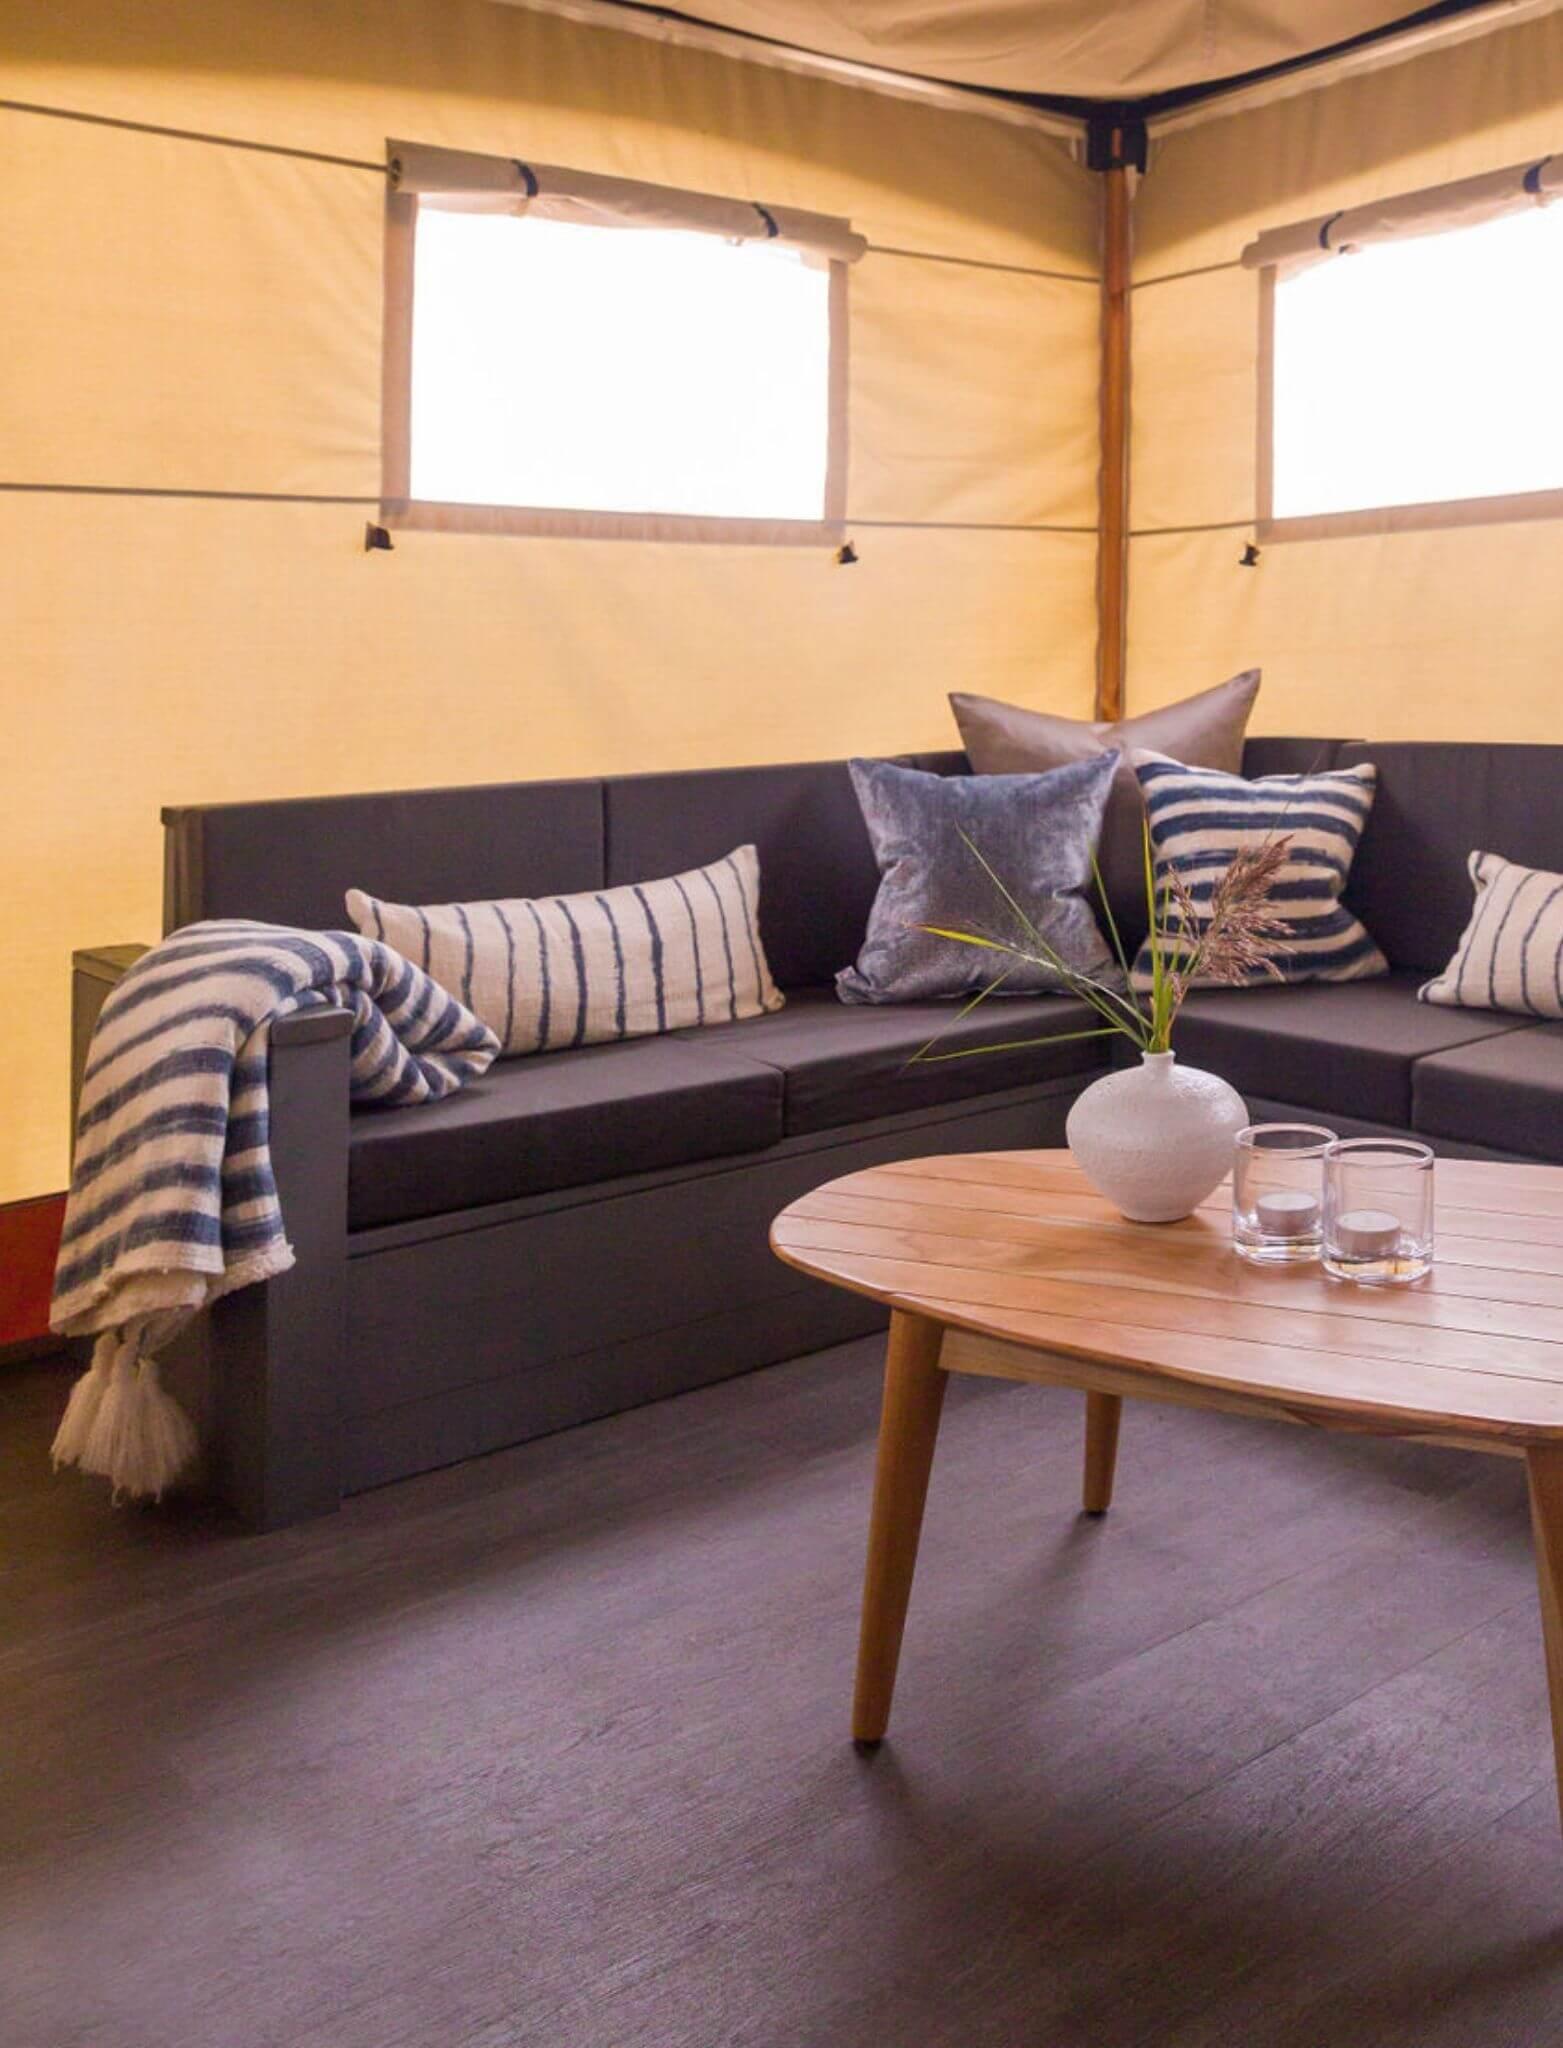 YALA_livingroom_detail_interior_Lush